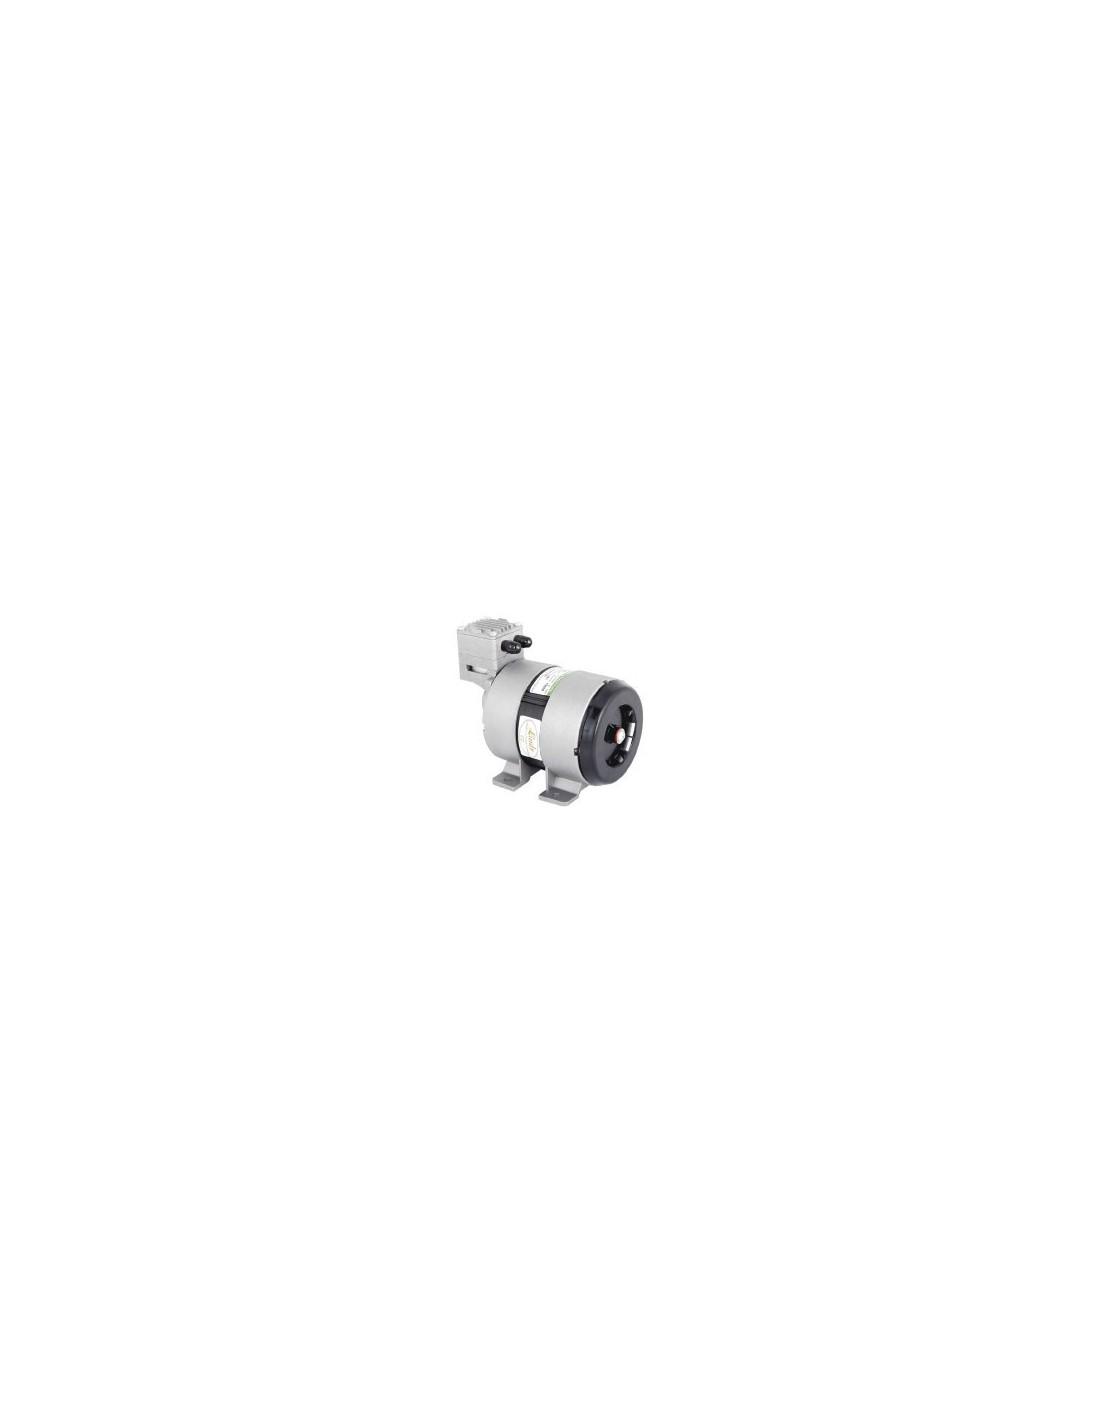 VKM00596 - Tillbehör och reservdelar luftkylt - Kompressor 15RAS